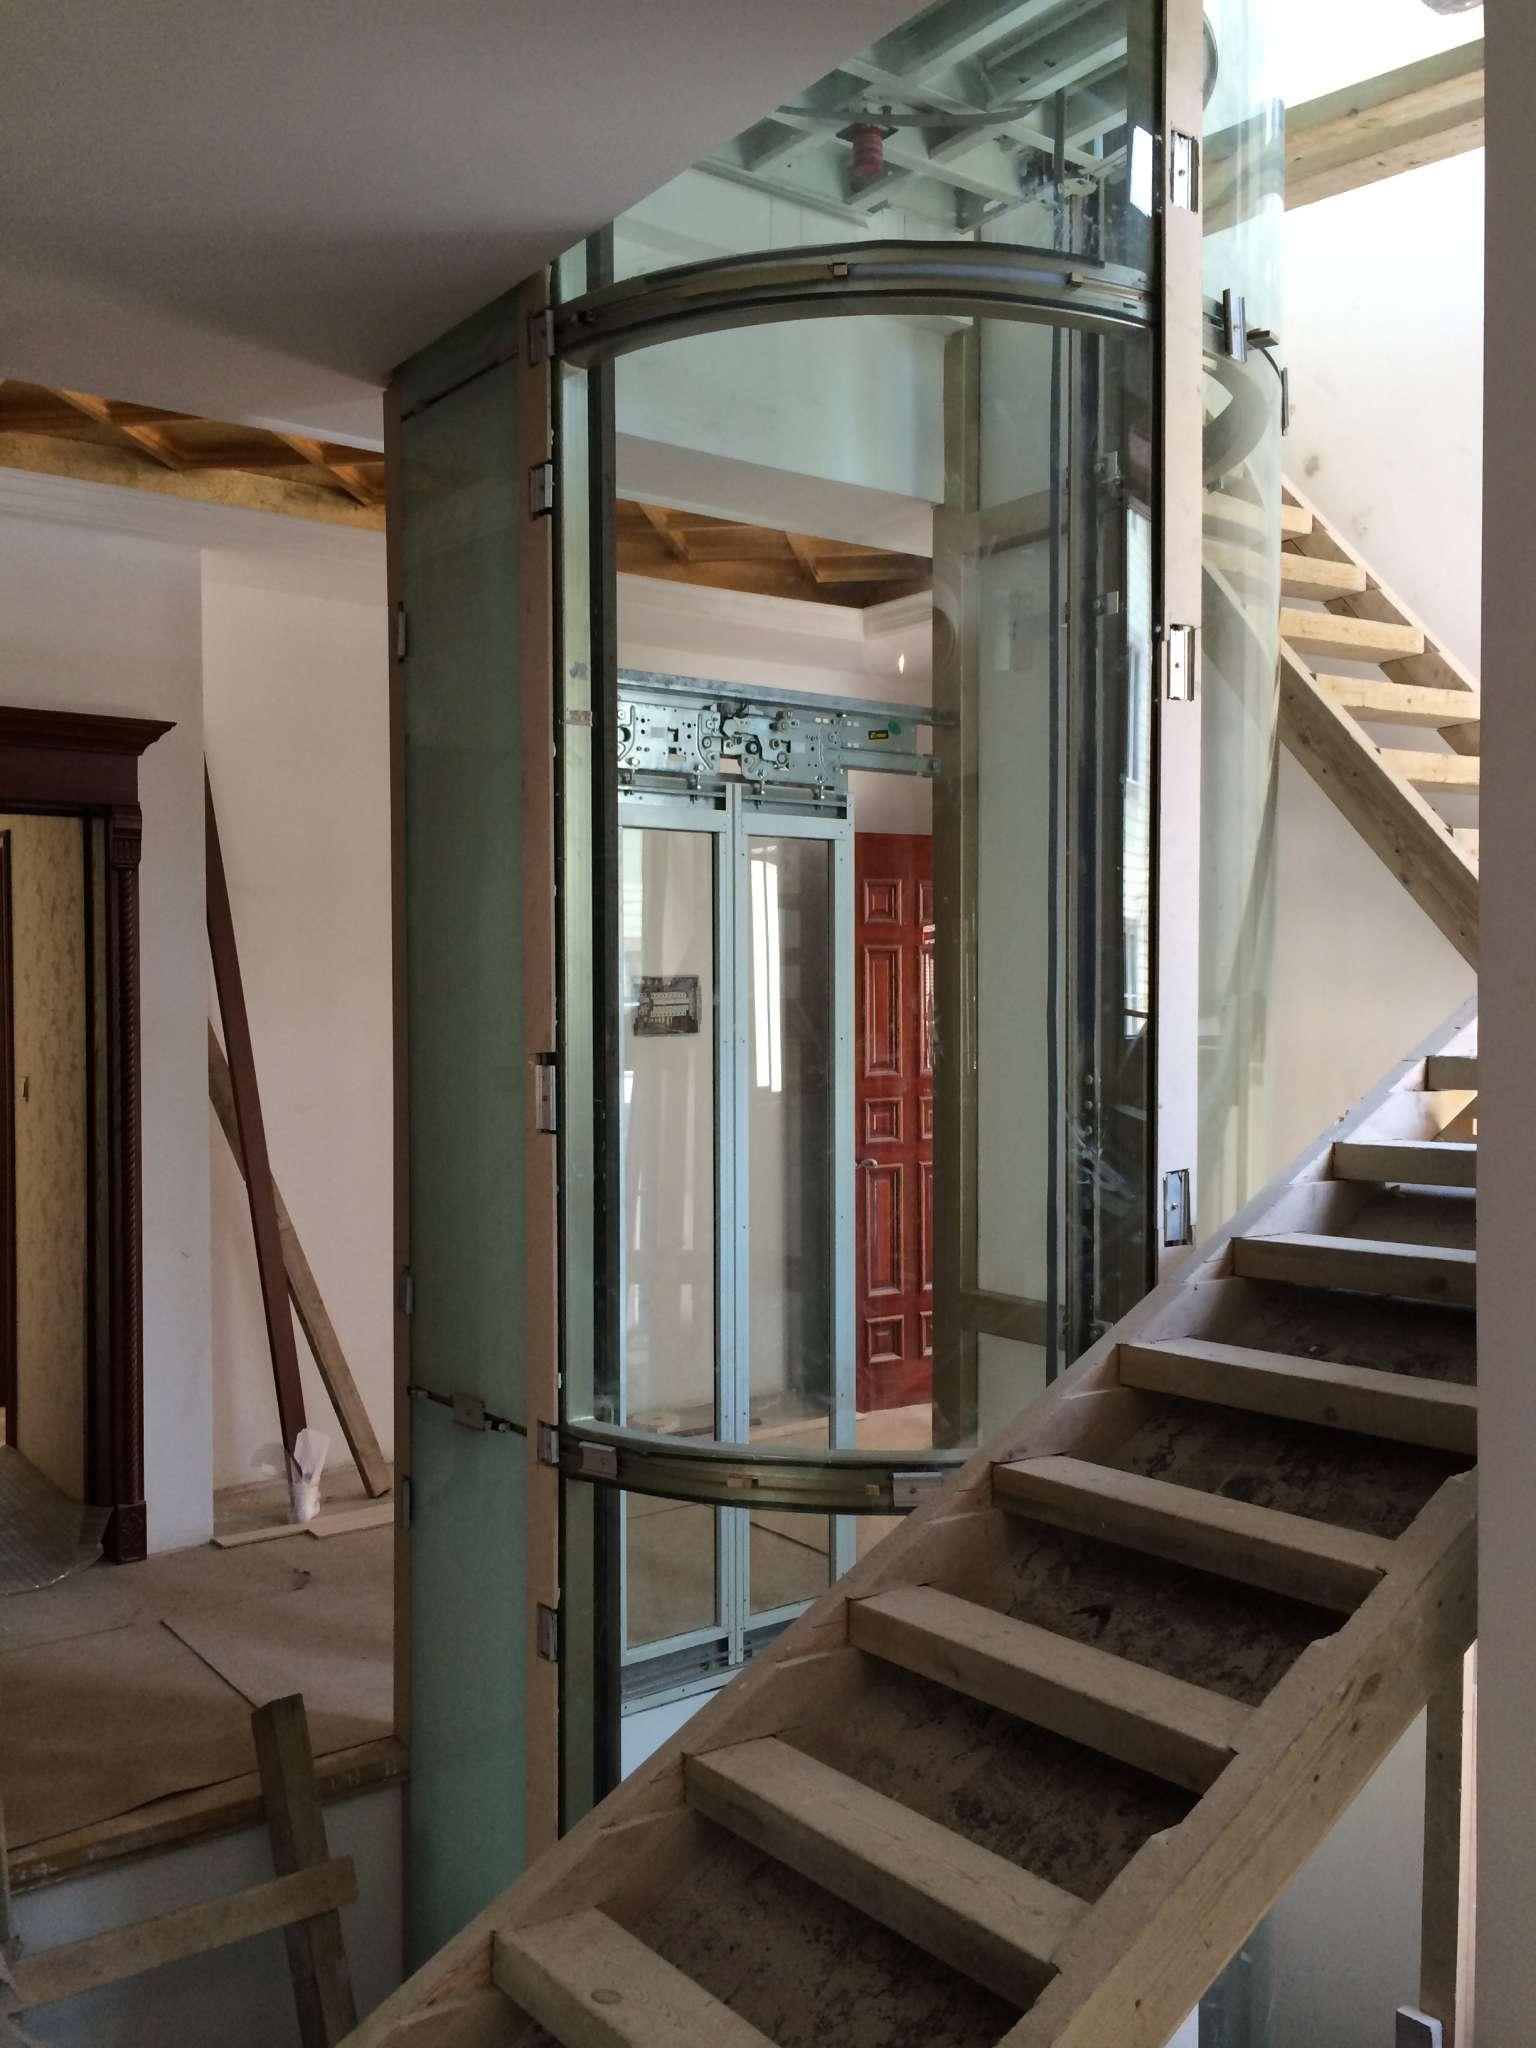 重庆蒂森电梯|重庆蒂森克虏伯电梯|重庆别墅电梯